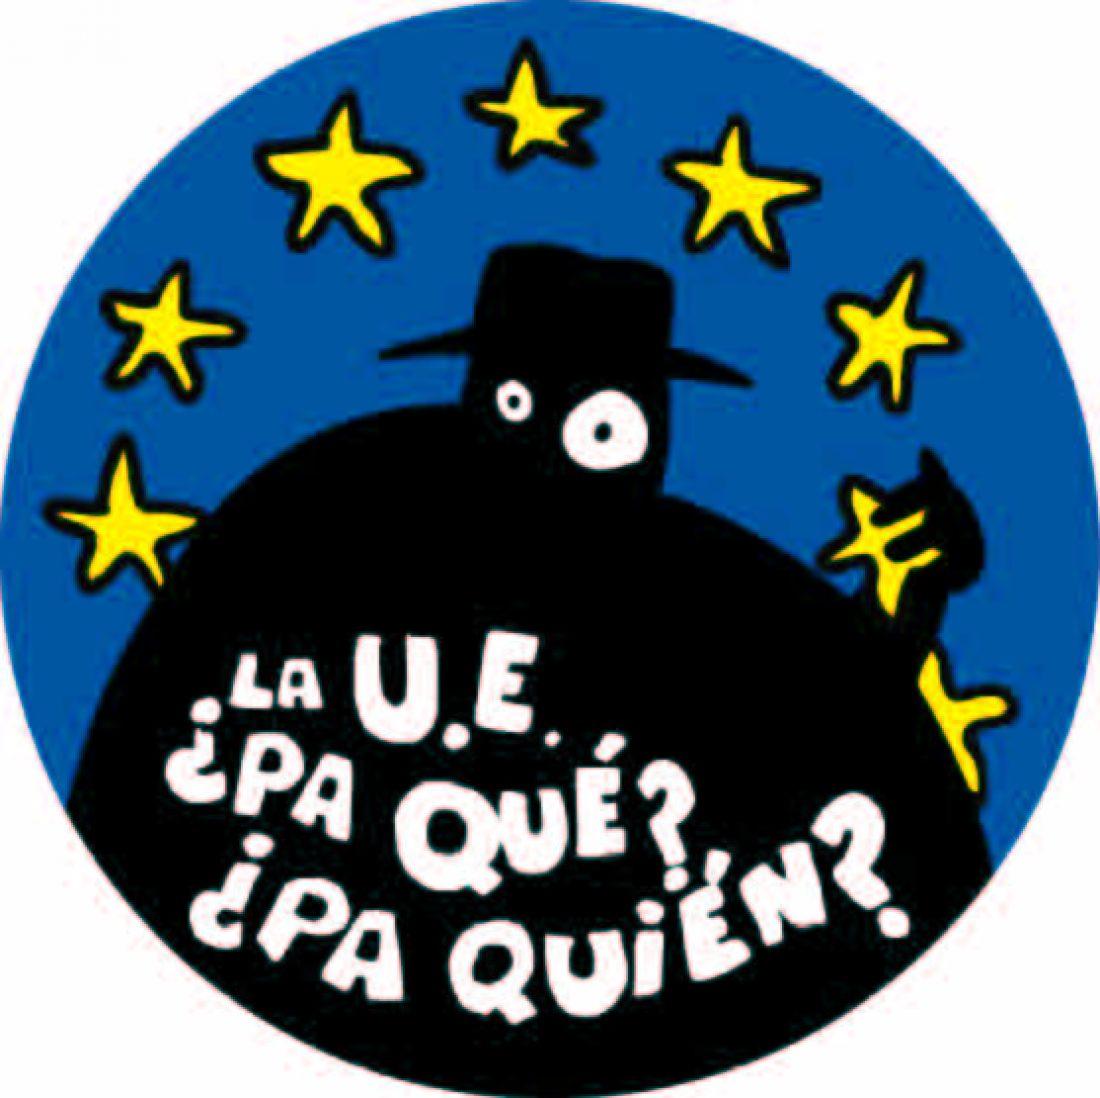 La U.E. ¿Pa qué? ¿Pa quién?